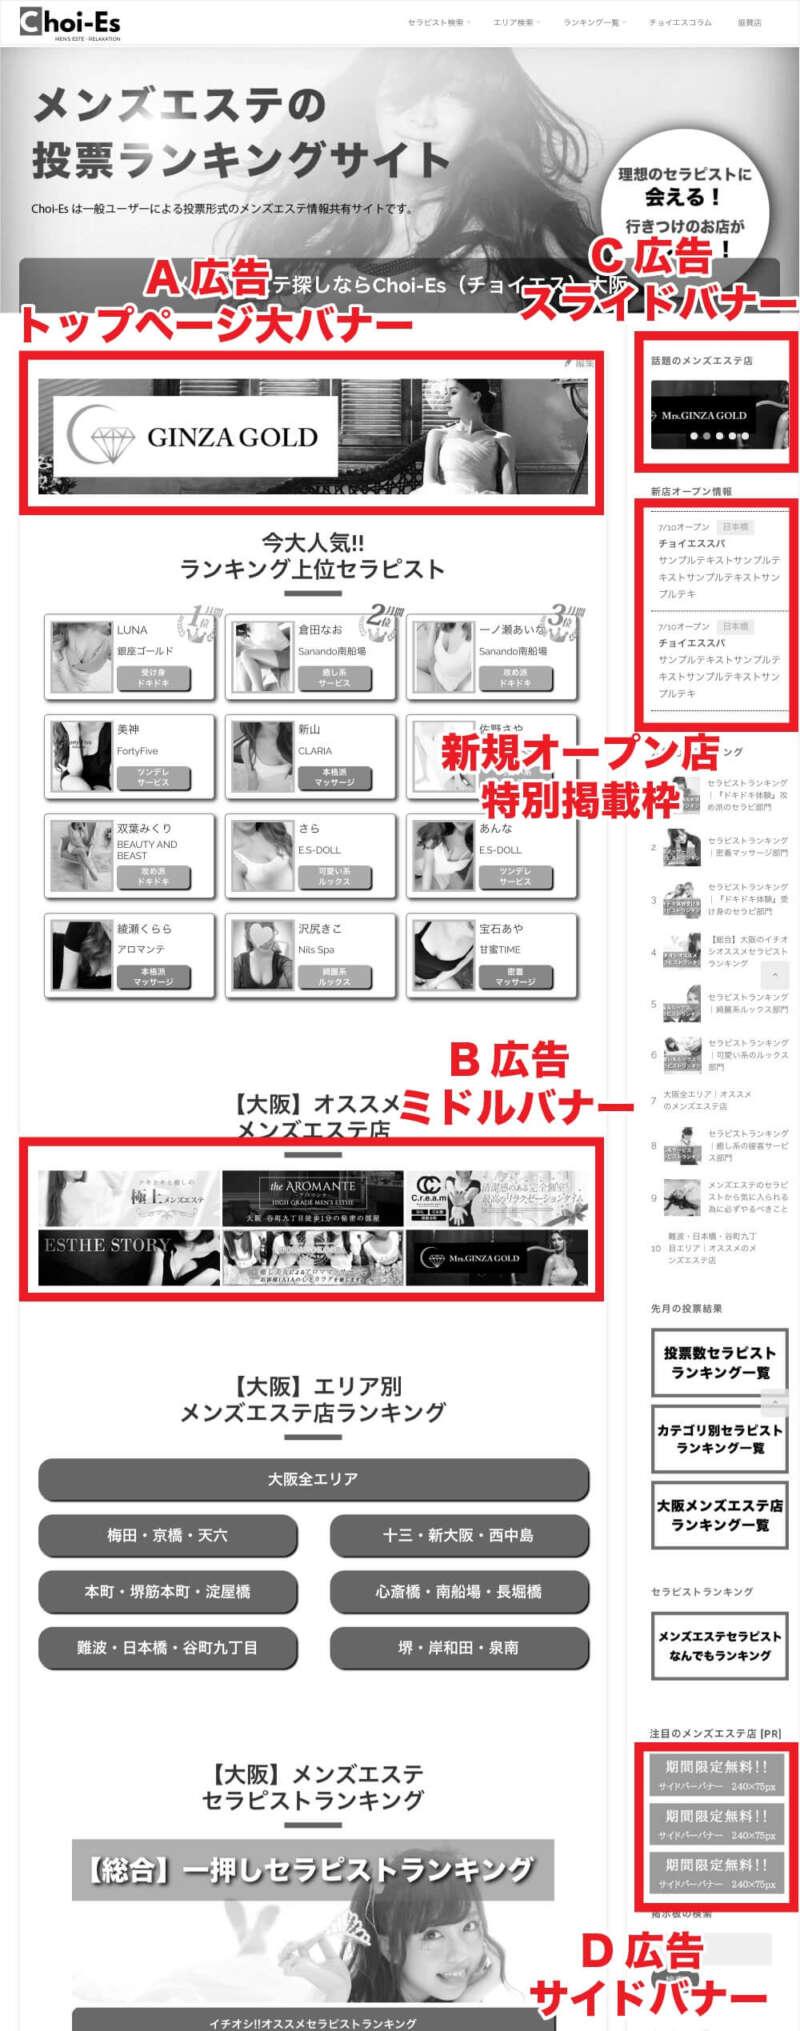 バナー広告のイメージ図